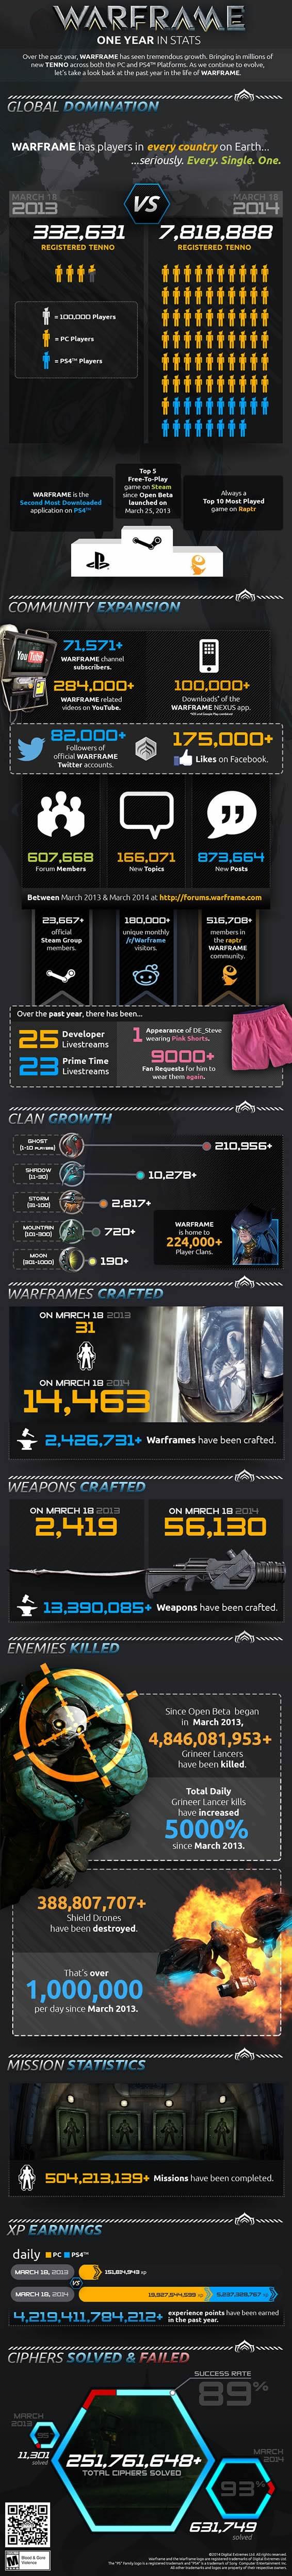 Warframe, cumple un año y nos presenta sus espectaculares cifras en una infografía - warframe-infografia